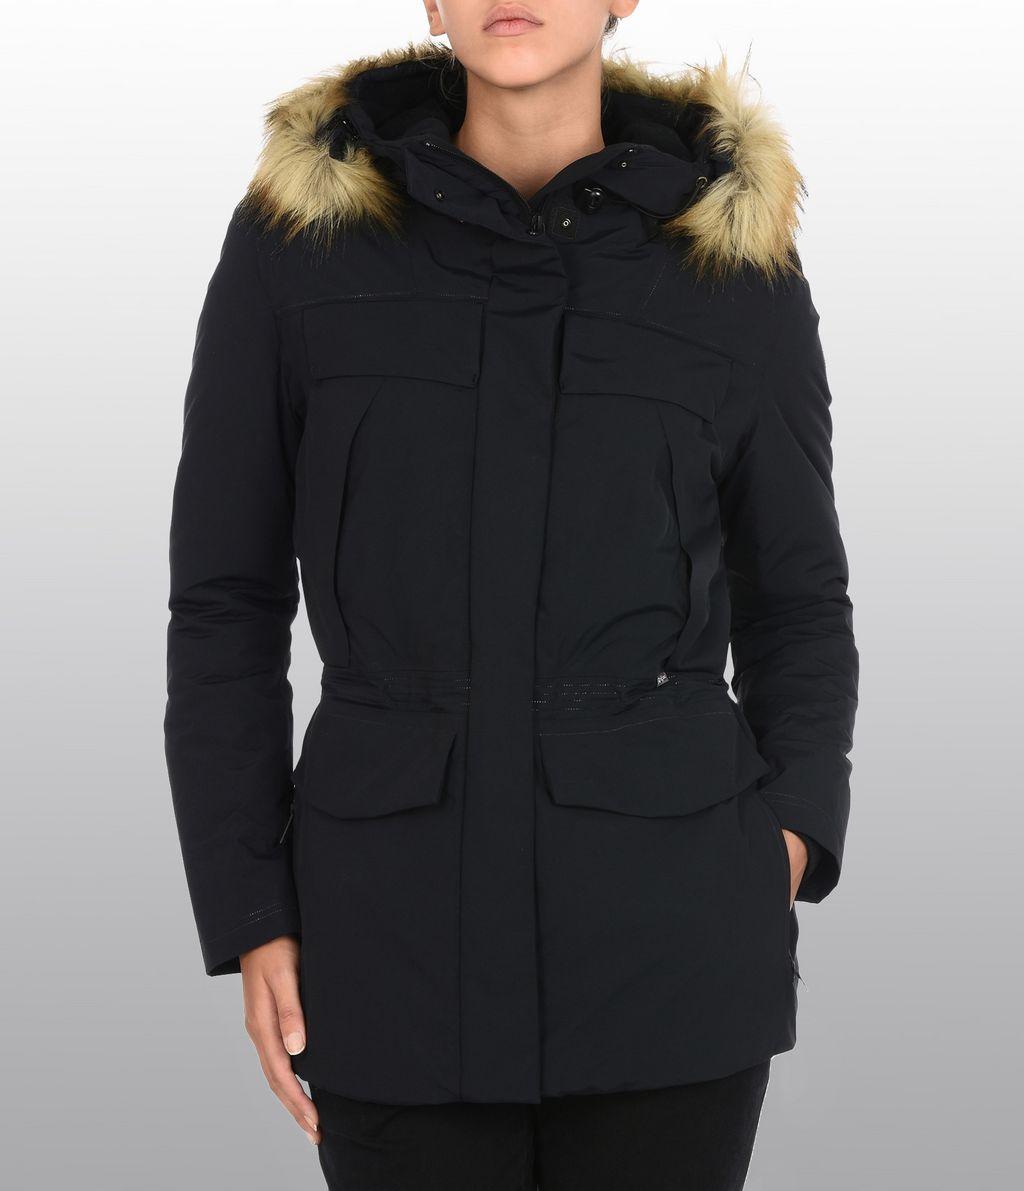 Jacken und mantel online shop